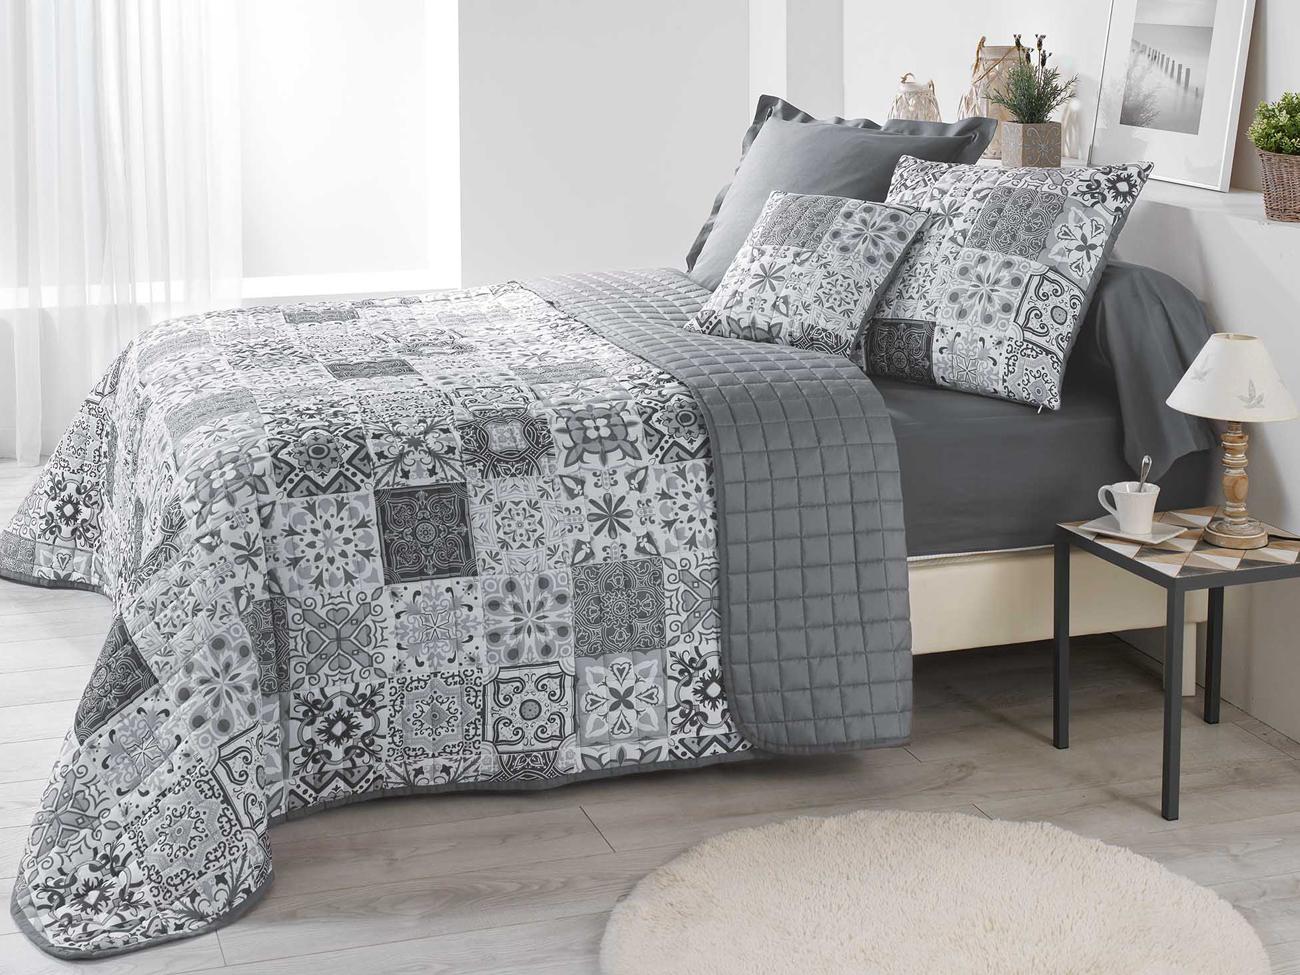 Modne Skandynawskie Narzuty Na łóżko W Kolorze Szarym 220x240